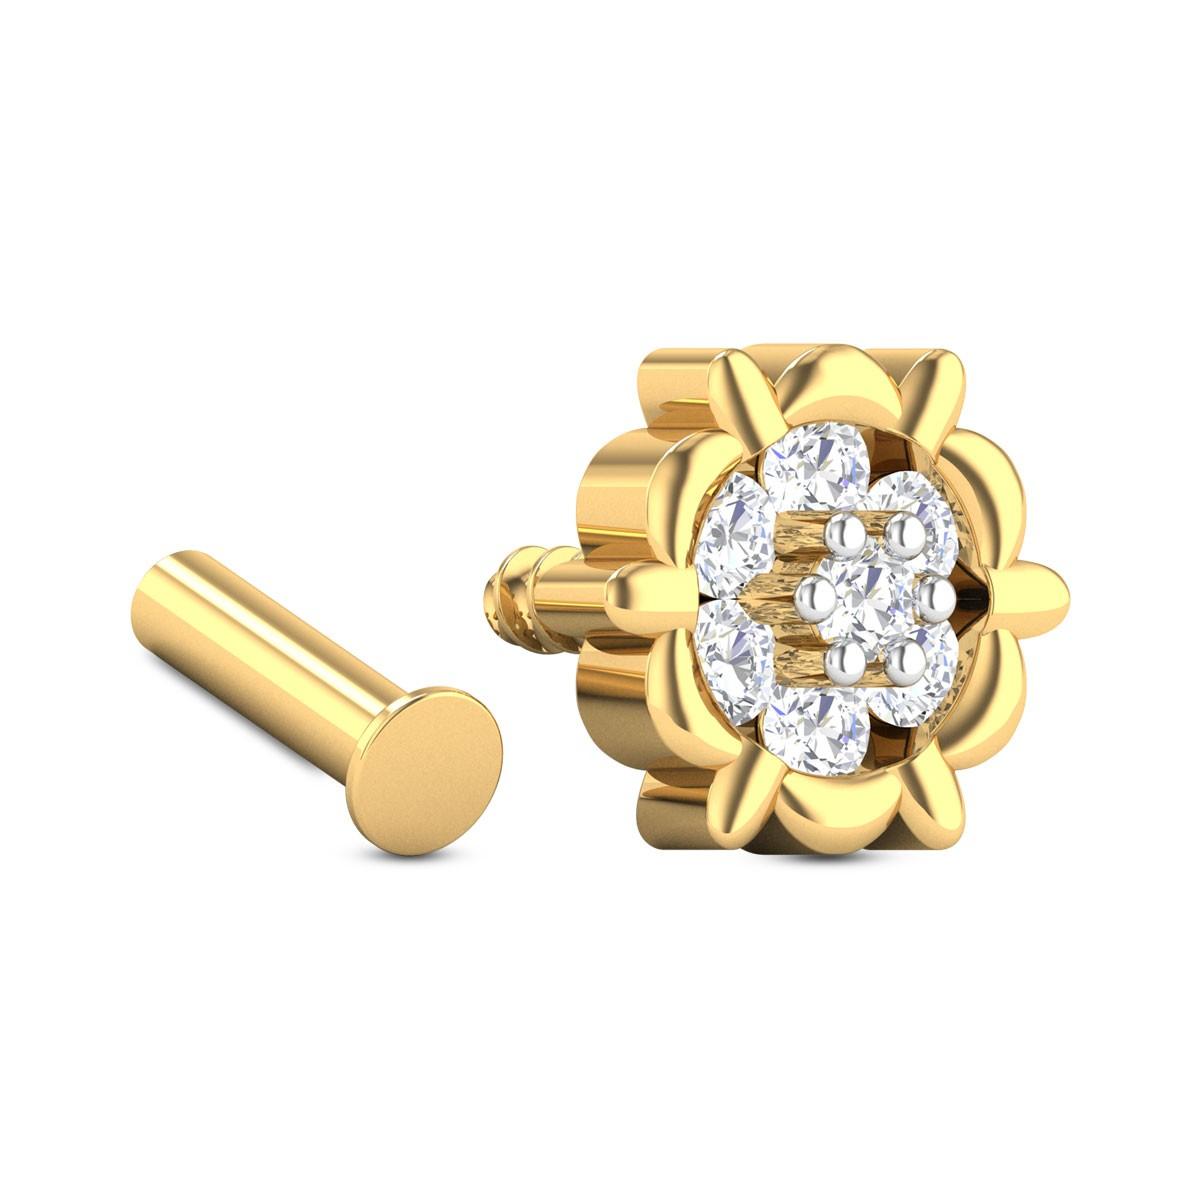 Annia Seven Stone Diamond Nosepin